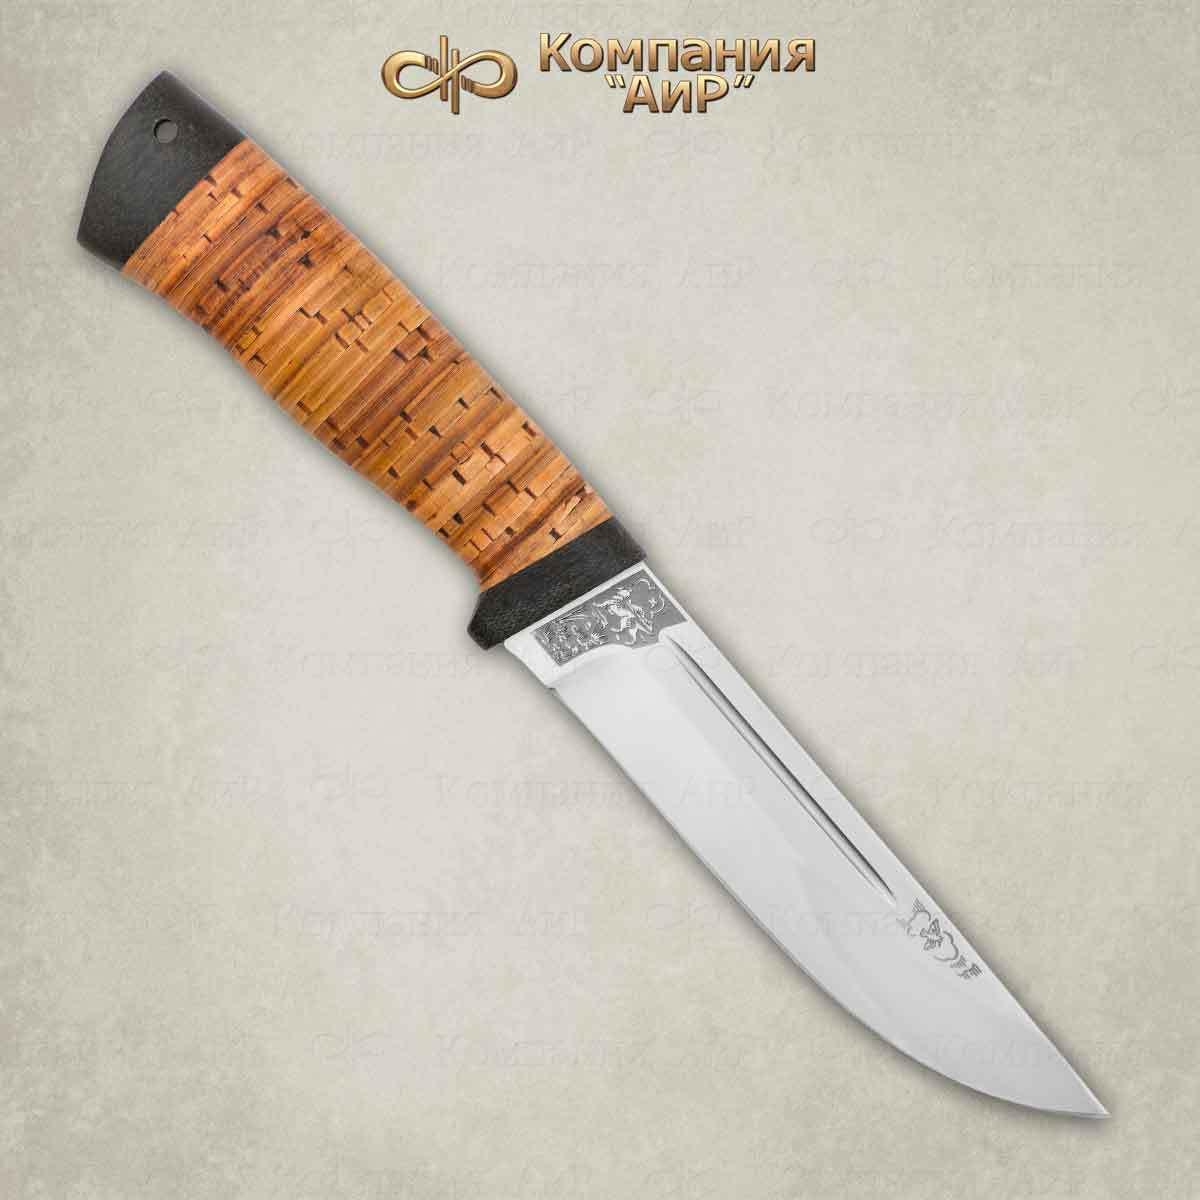 Нож Бекас, береста, сталь М390, АиР нож бекас 95х18 орех аир